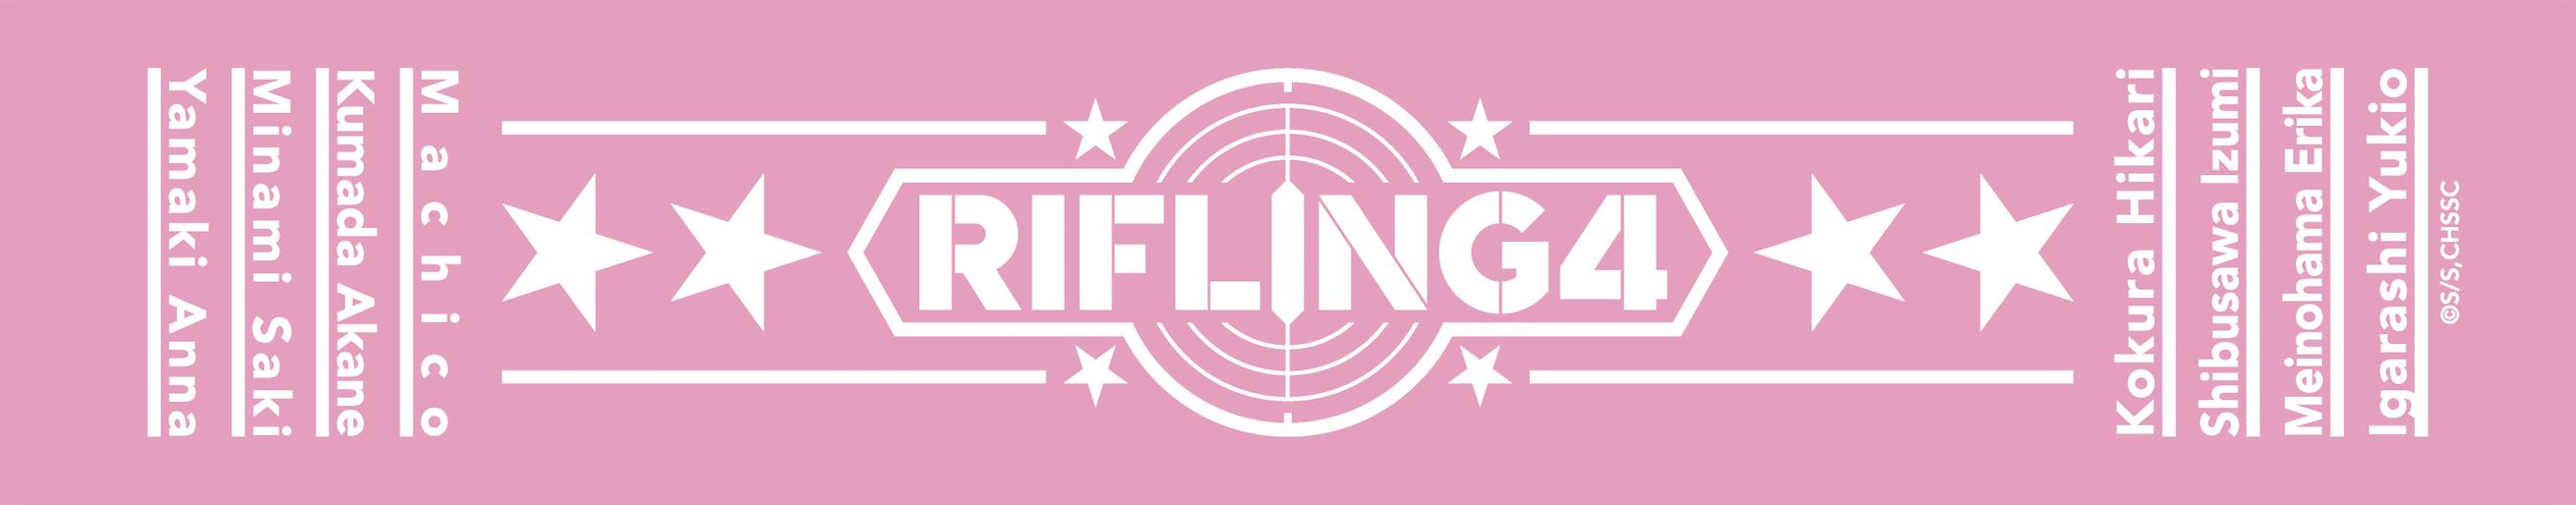 【イベント会場限定】ライフリング4 挿入歌シングル 発売記念イベント マフラータオル